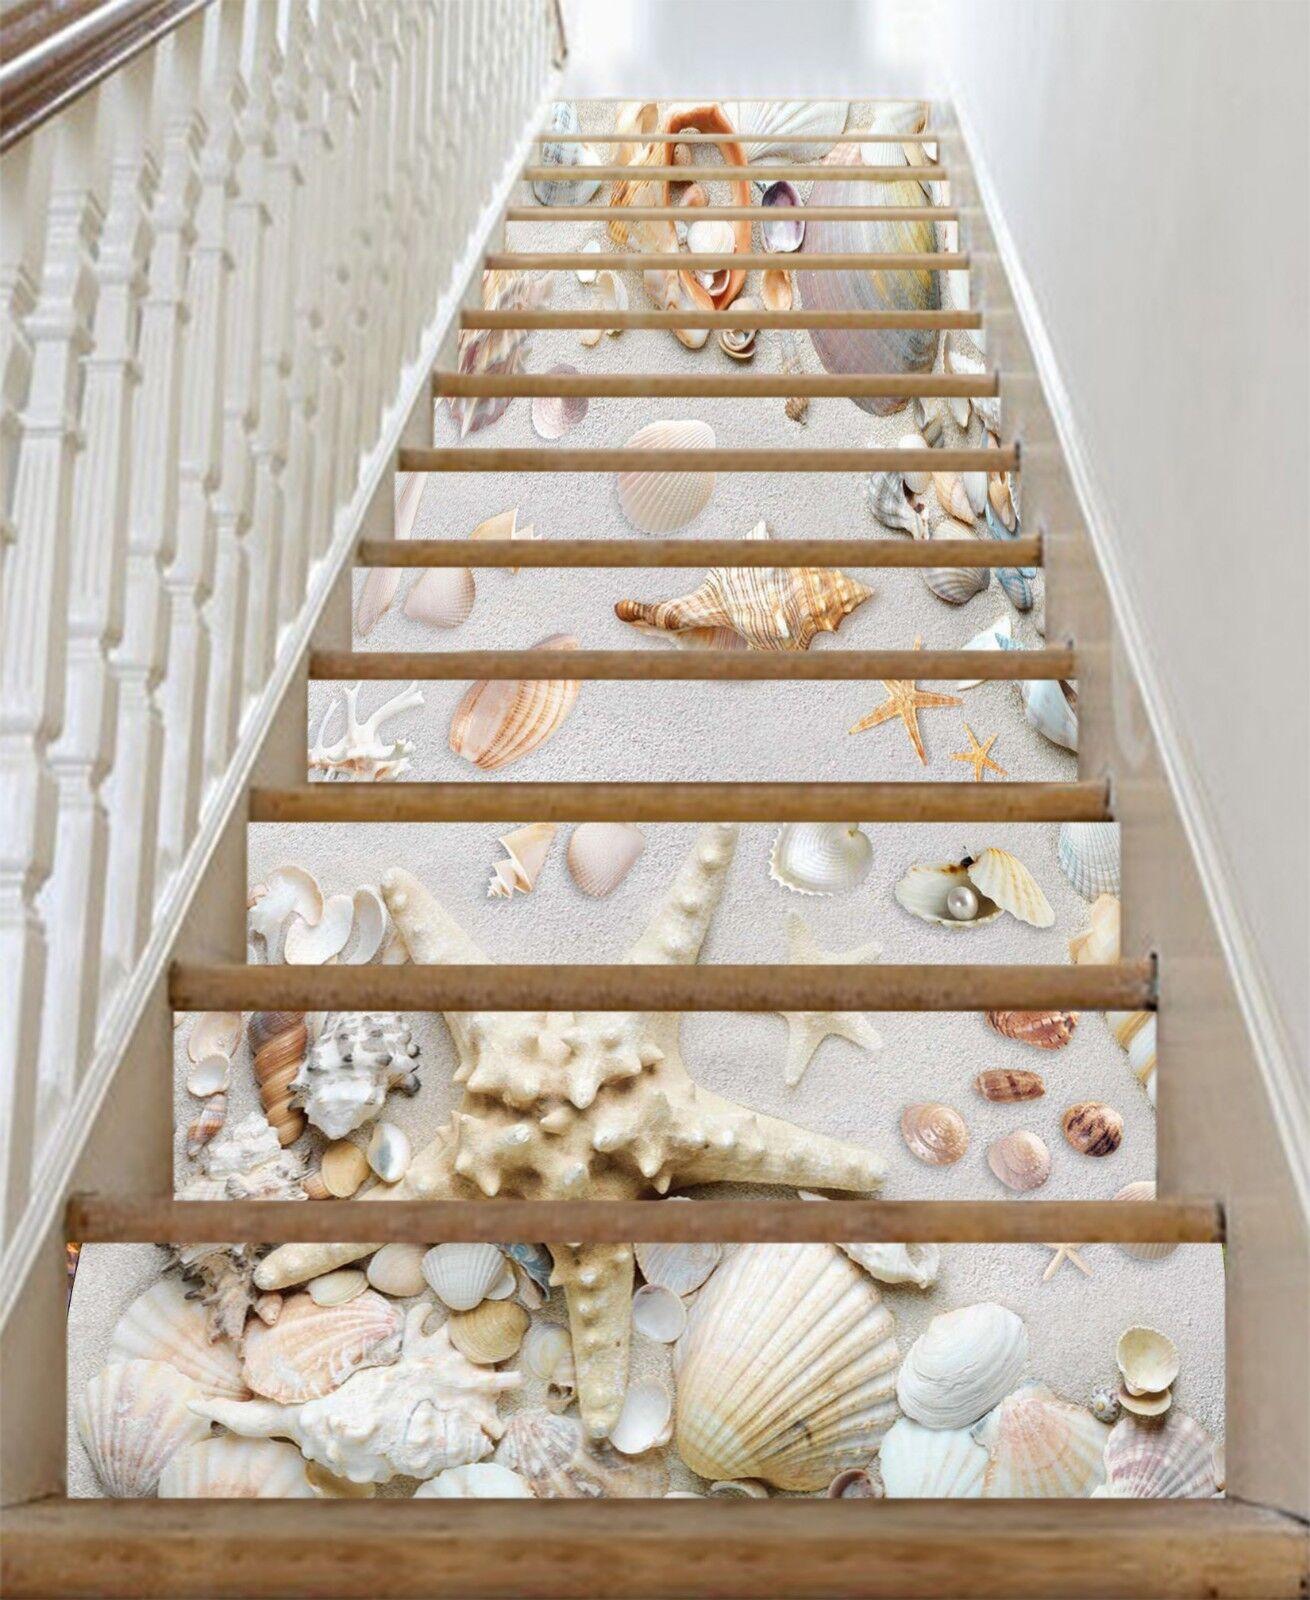 3D Strandschtze 36 Stair Risers Dekoration Fototapete Vinyl Aufkleber Tapete DE